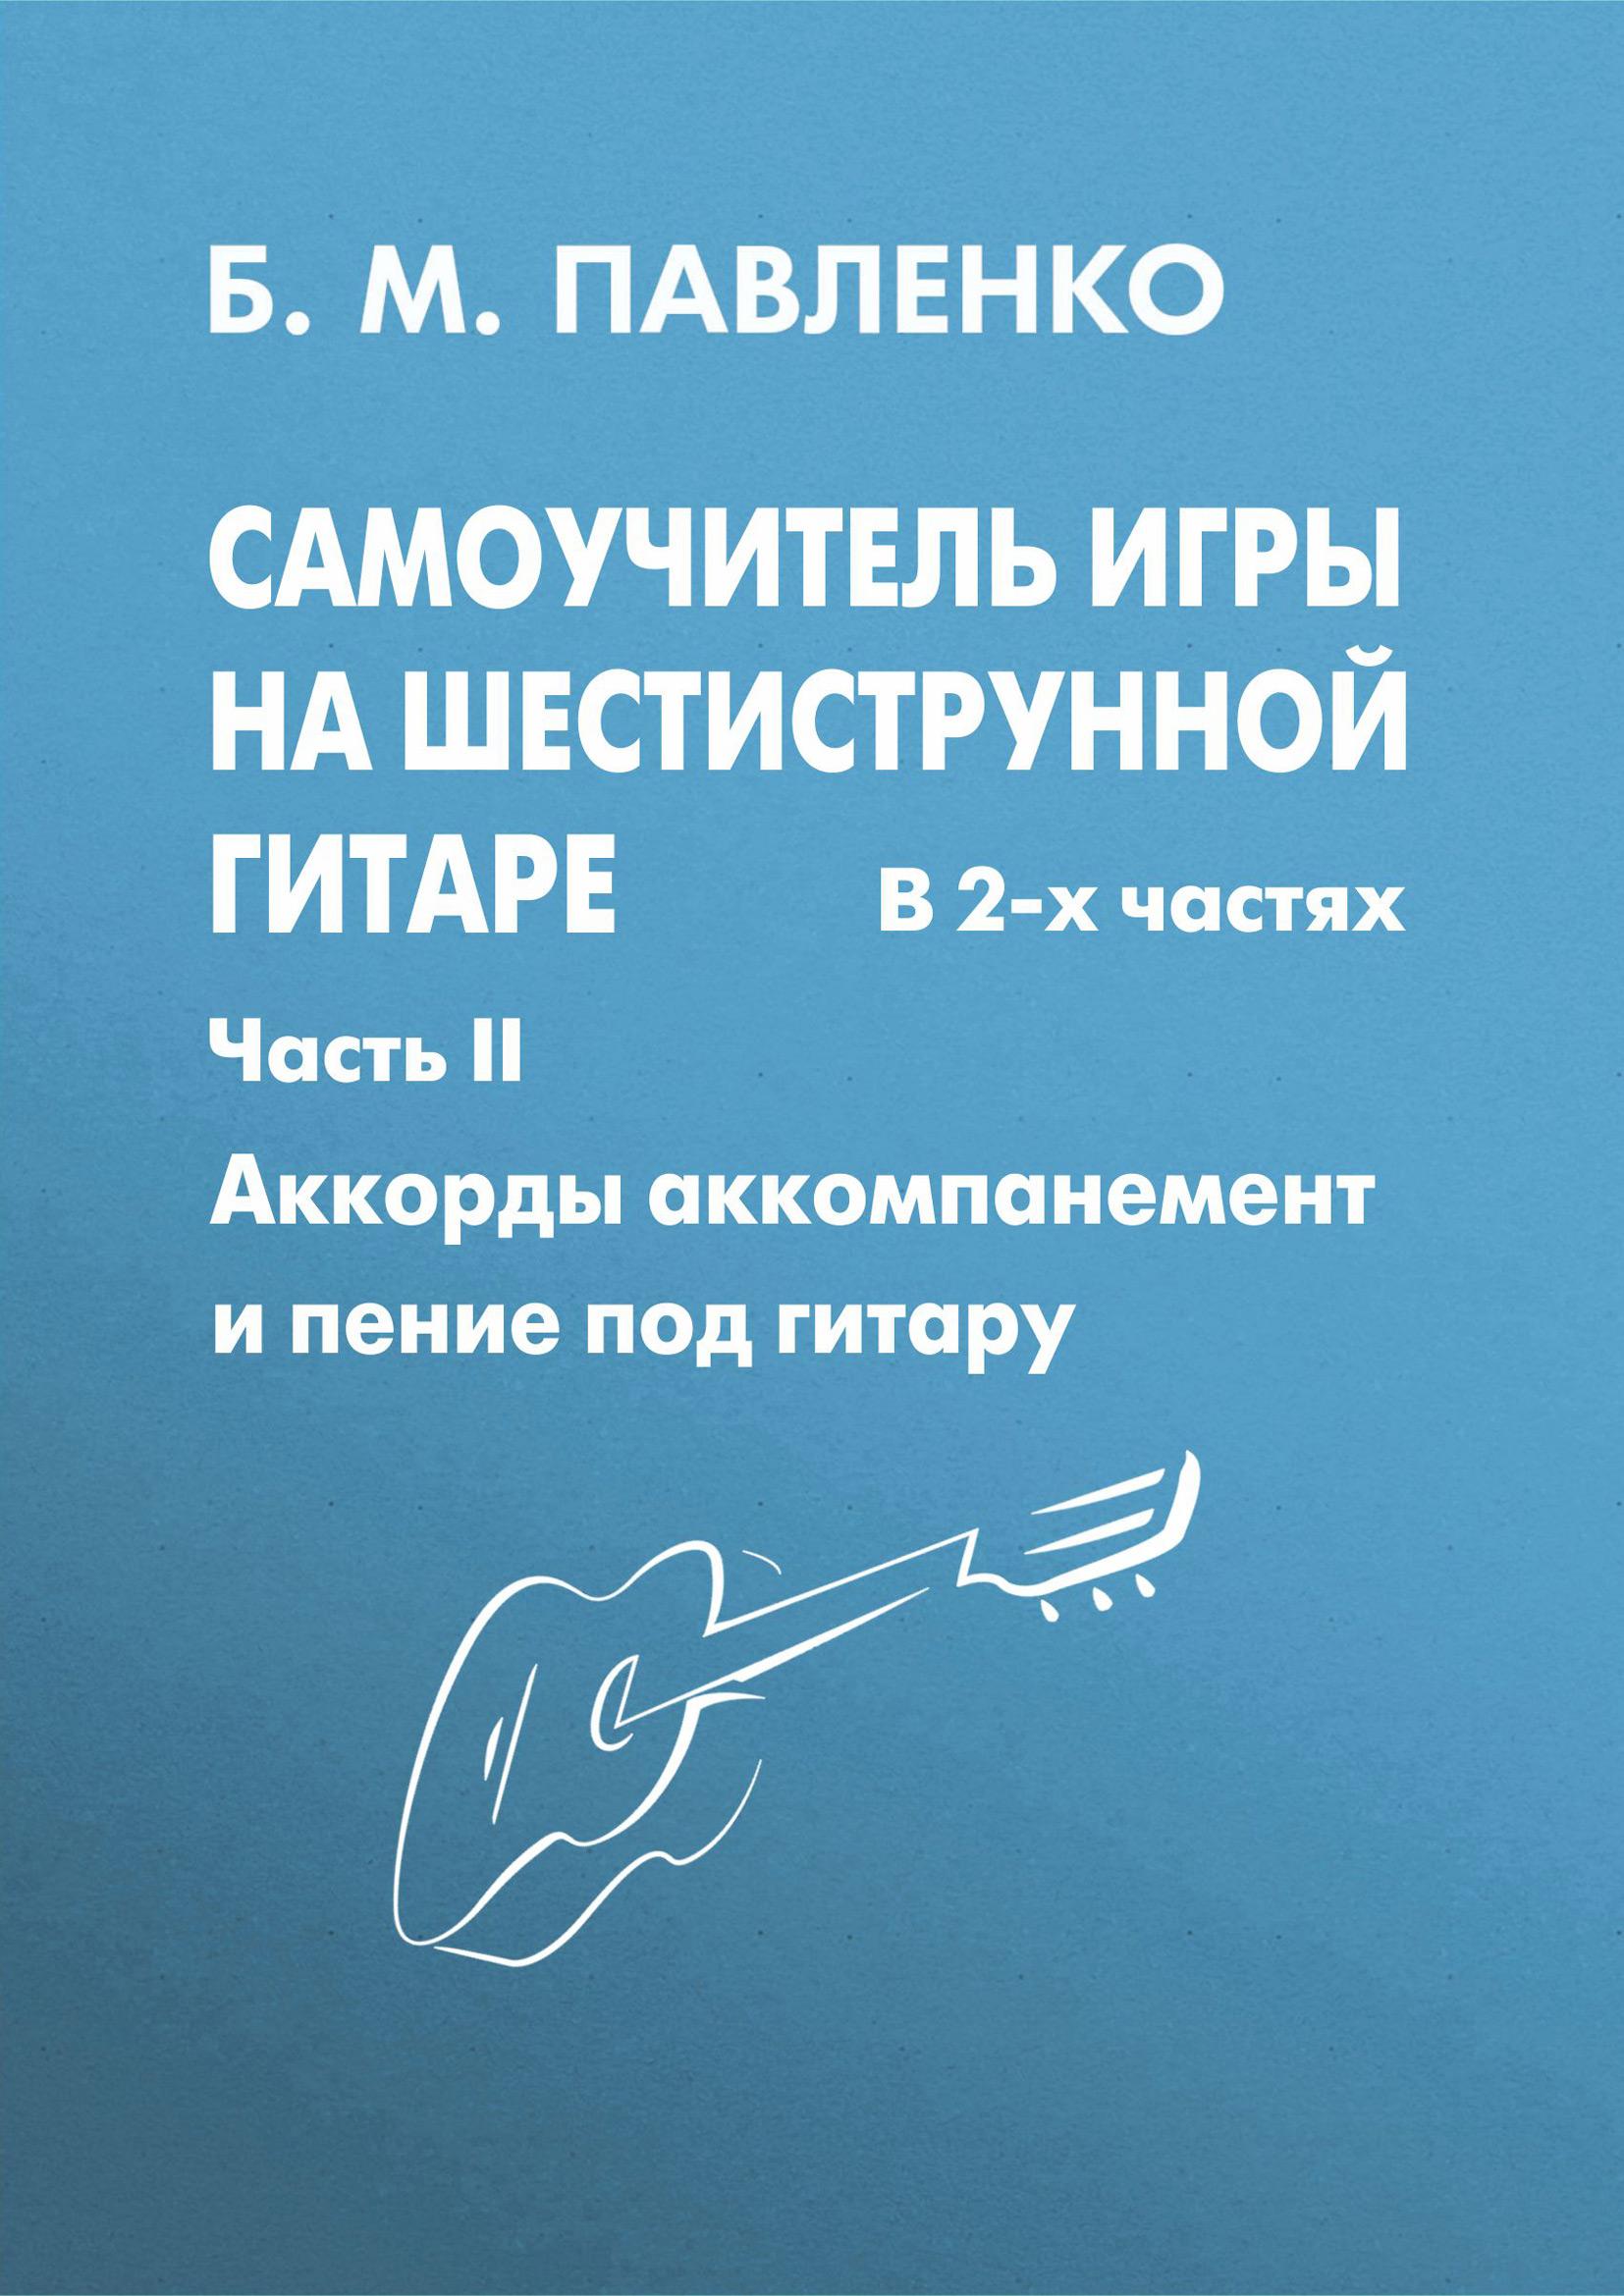 Б. М. Павленко Самоучитель игры на шестиструнной гитаре в 2-х частях. Аккорды, аккомпанемент и пение под гитару. Часть II б м павленко самоучитель игры на шестиструнной гитаре аккорды аккомпанемент и пение под гитару